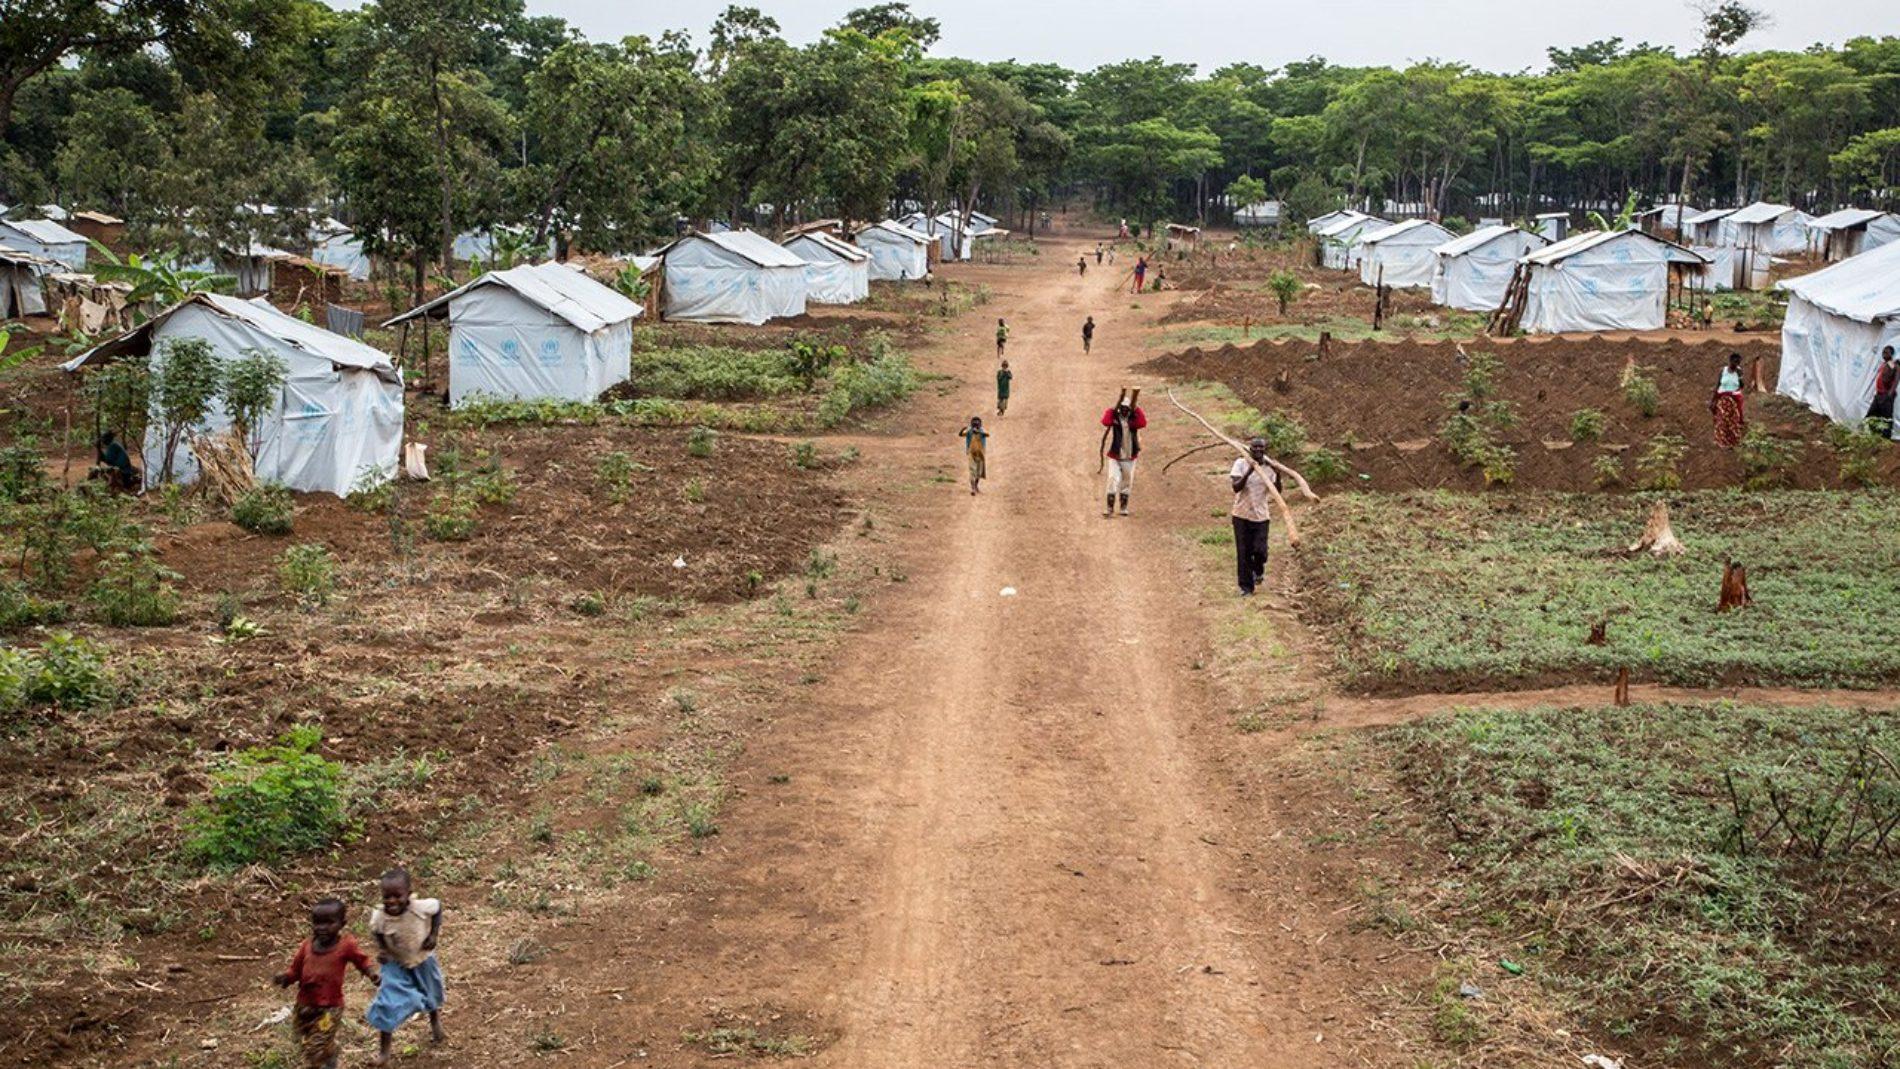 Tanzanie : MI-RPD demande à la Tanzanie de revenir sur sa décision de rapatrier de force les réfugiés burundais